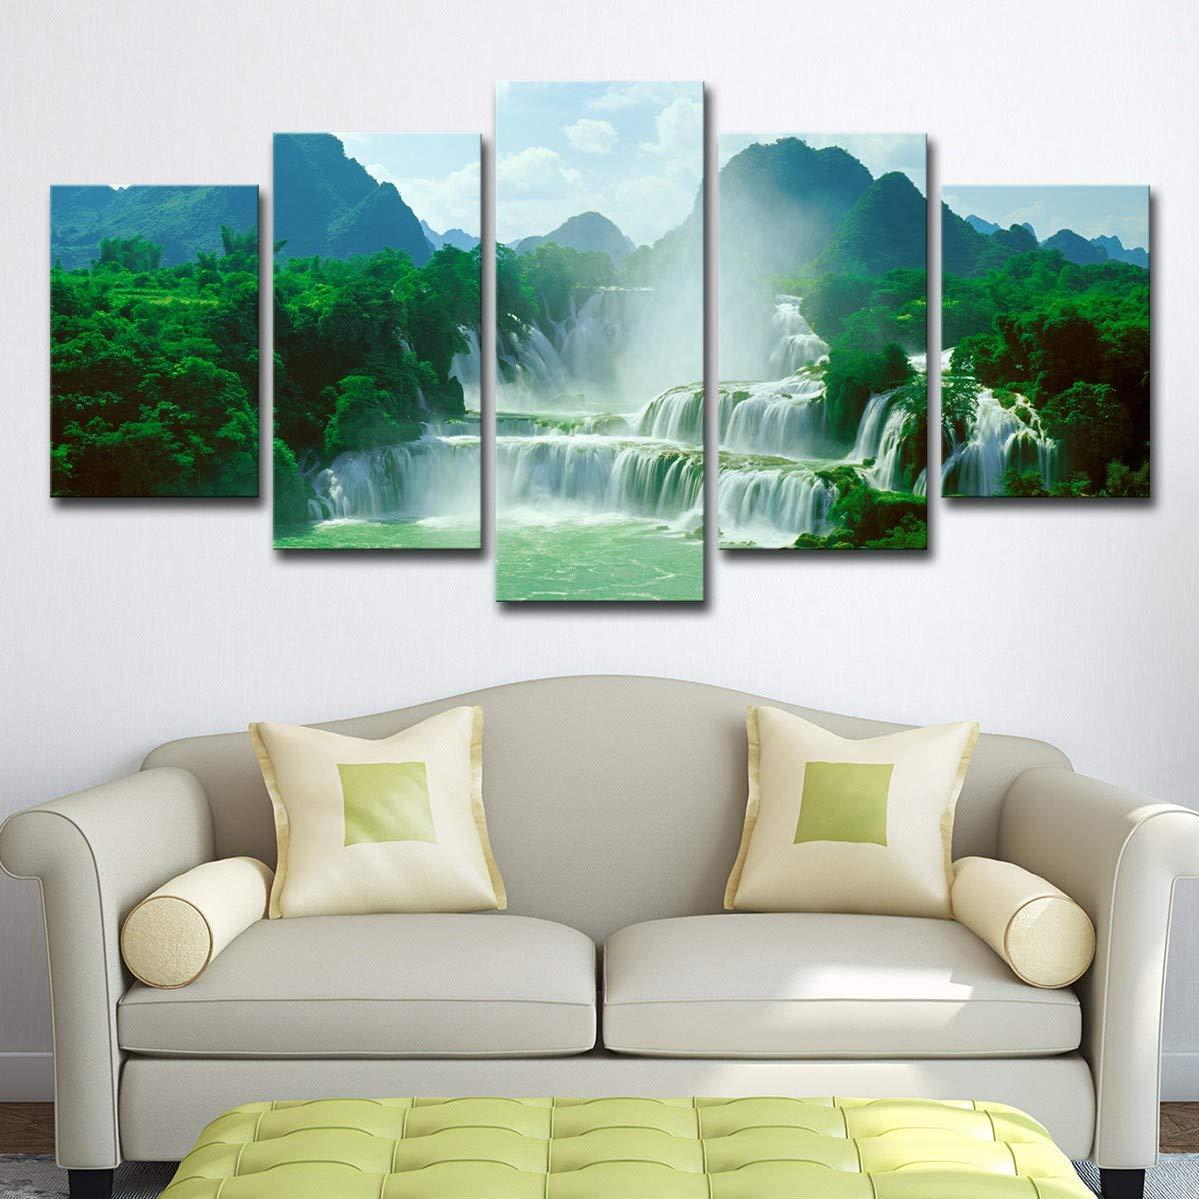 DYDONGWL Multi Panel Lienzo HD Imprime Imágenes para Arte la de la Pared de la Arte Sala 5 Piezas Pinturas Detian Cascada Paisaje Sala de Arte Sala de Estar Decoración del hogar, 40X60cmX2 40X80cmX2 40X100c 44ee4b